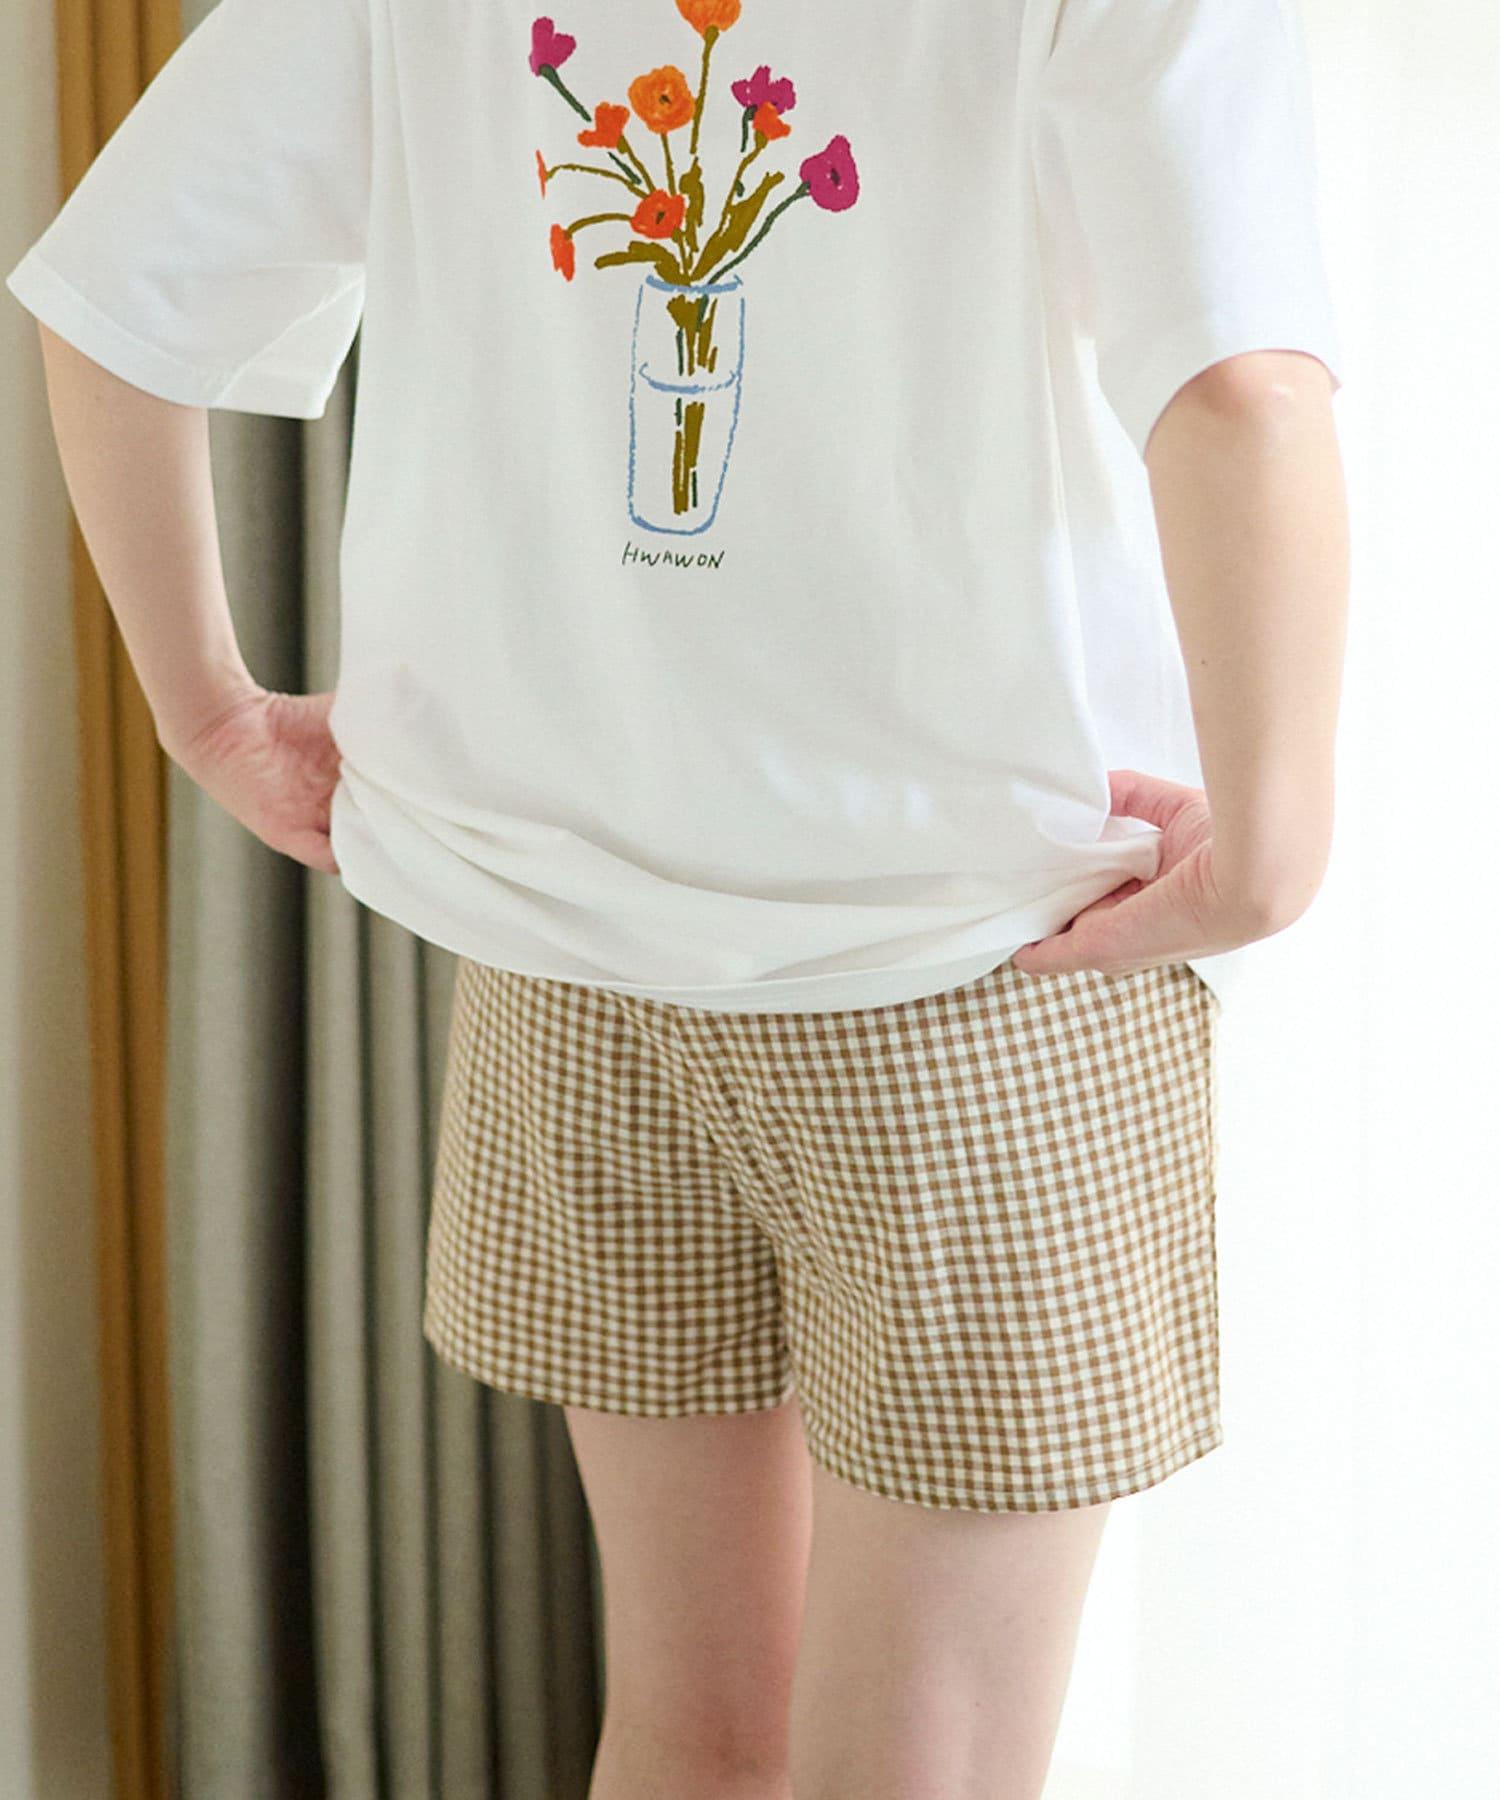 Lattice(ラティス) 【可愛く過ごすおうち時間】チェック柄ショートパンツ